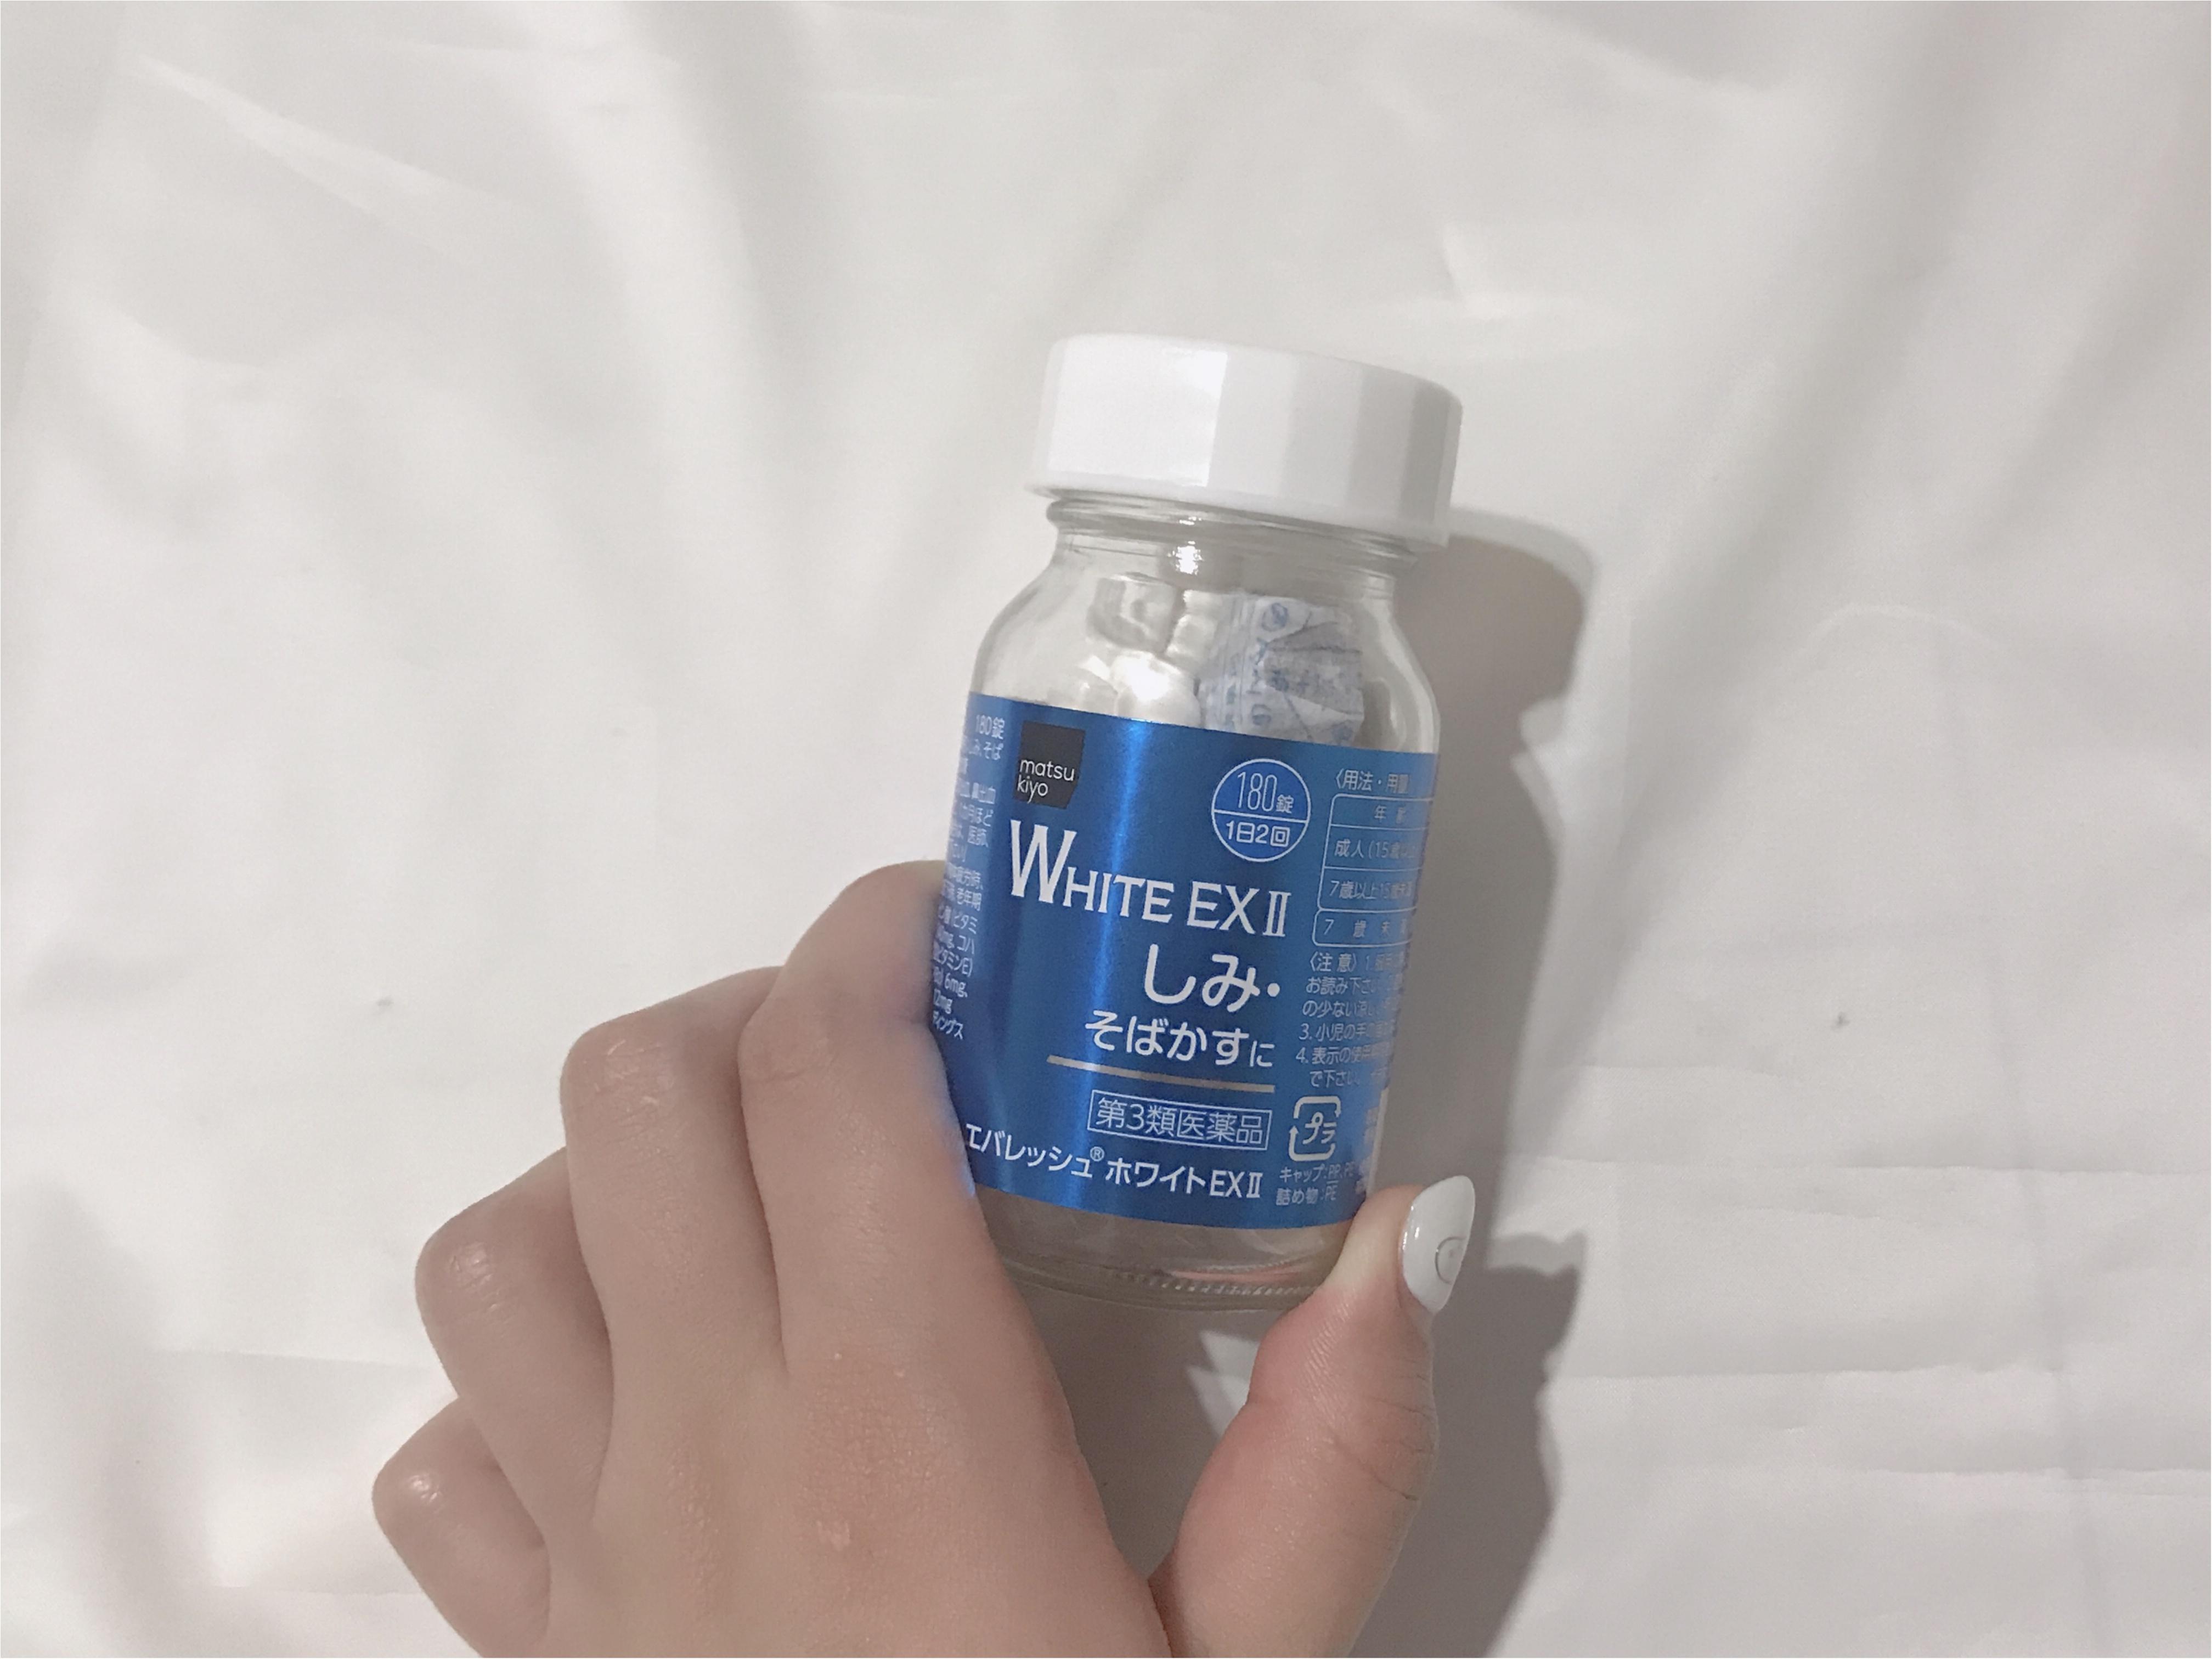 美白化粧品特集 - シミやくすみ対策・肌の透明感アップが期待できるコスメは? 記事Photo Gallery_1_48